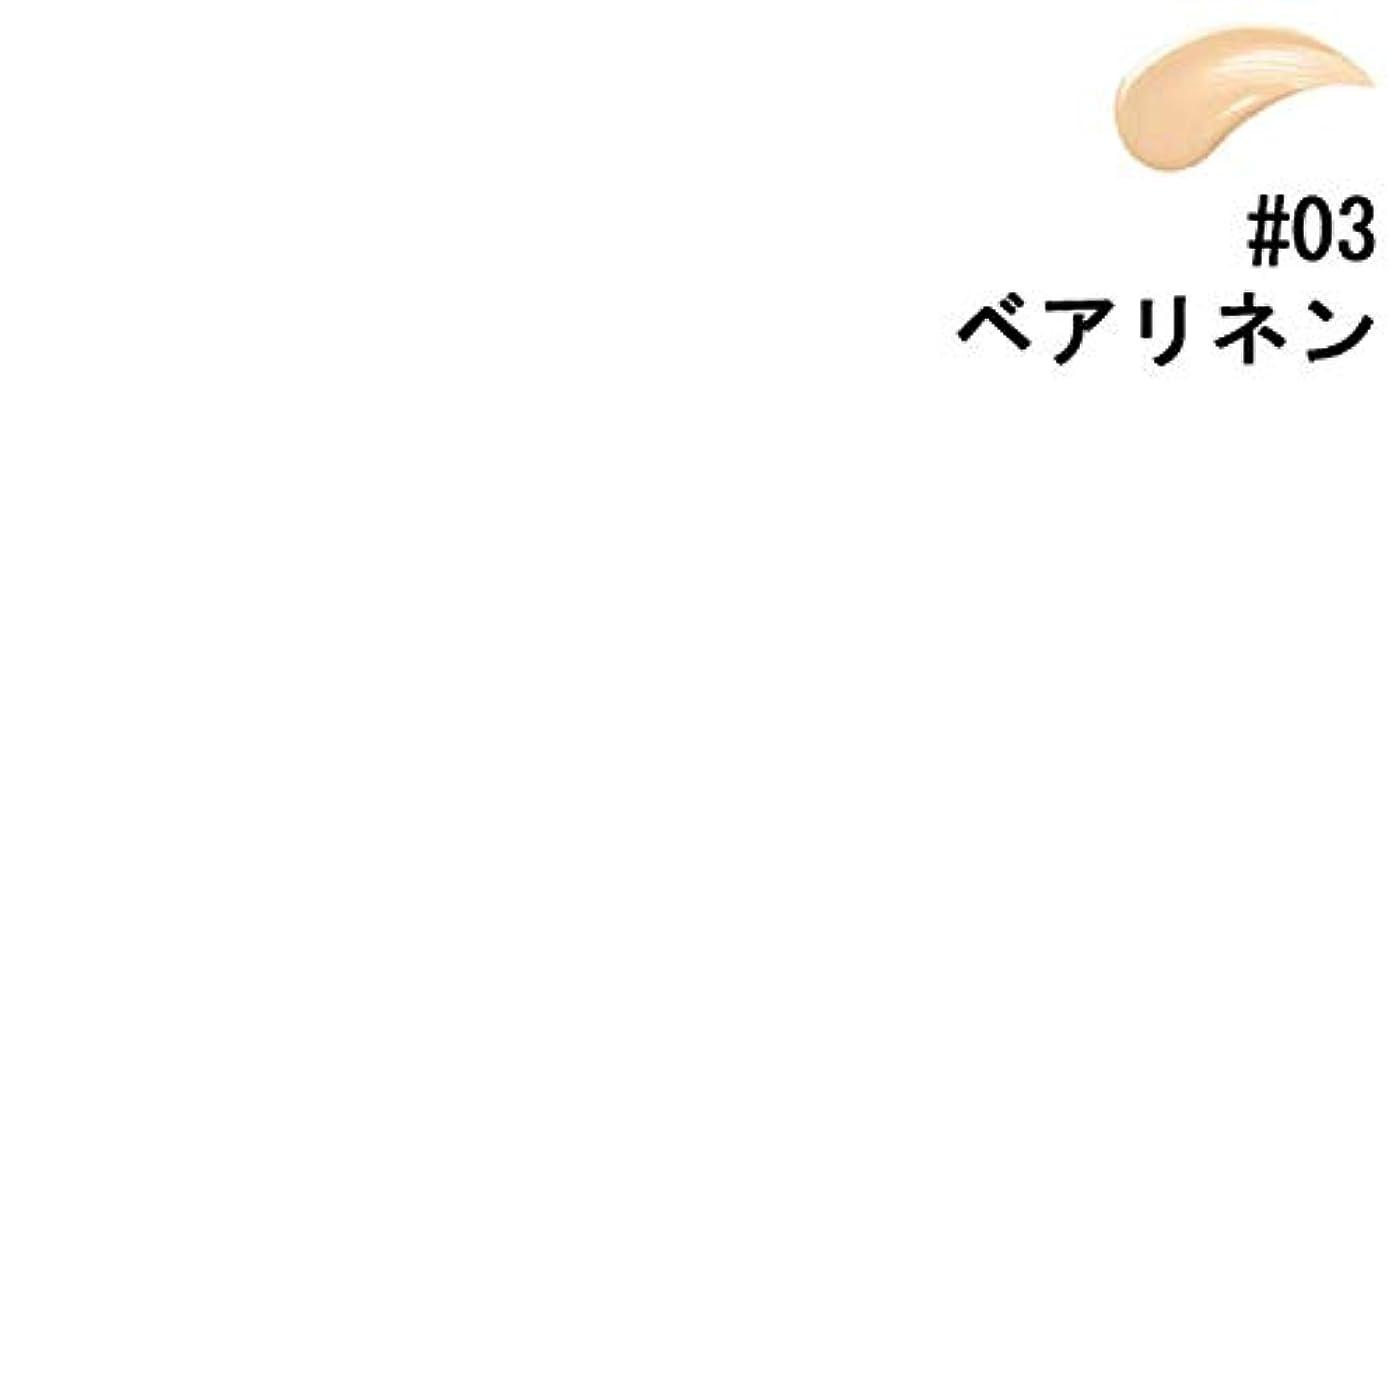 浸漬神社祝う【ベアミネラル】ベアミネラル ベア ファンデーション #03 ベアリネン 30ml [並行輸入品]